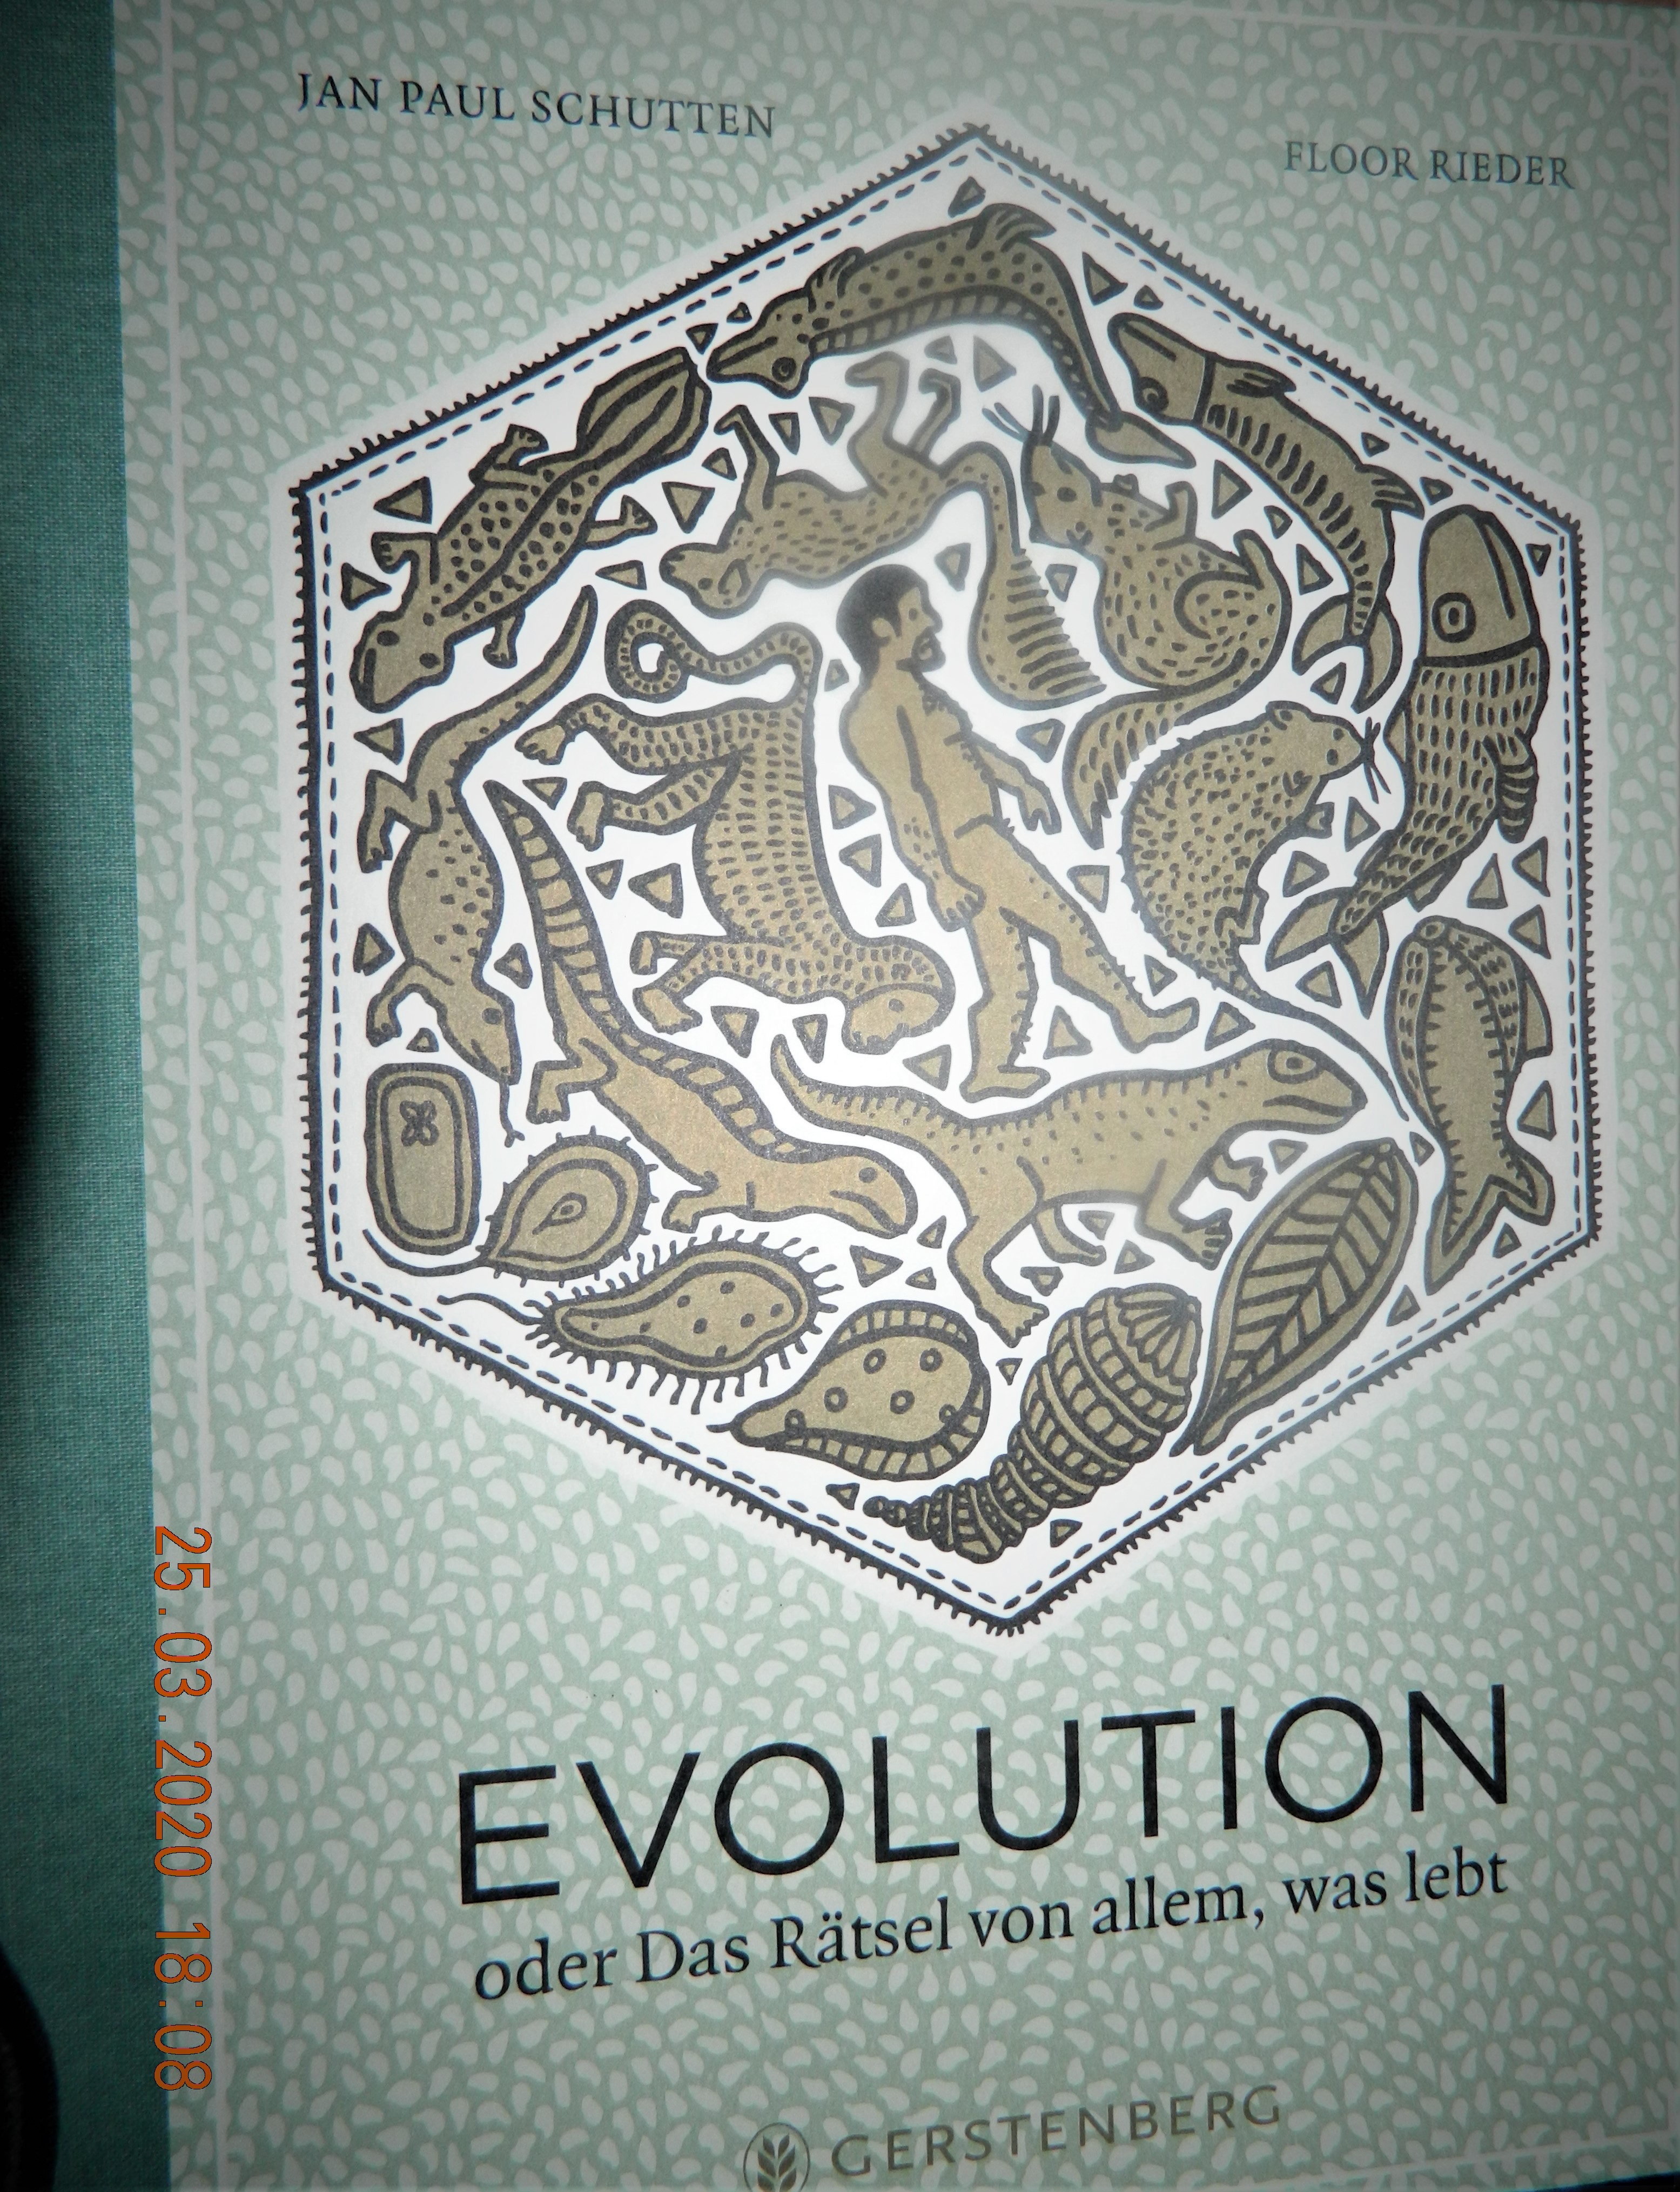 Evolution, oder Das Rätsel von allem, was lebt Book Cover